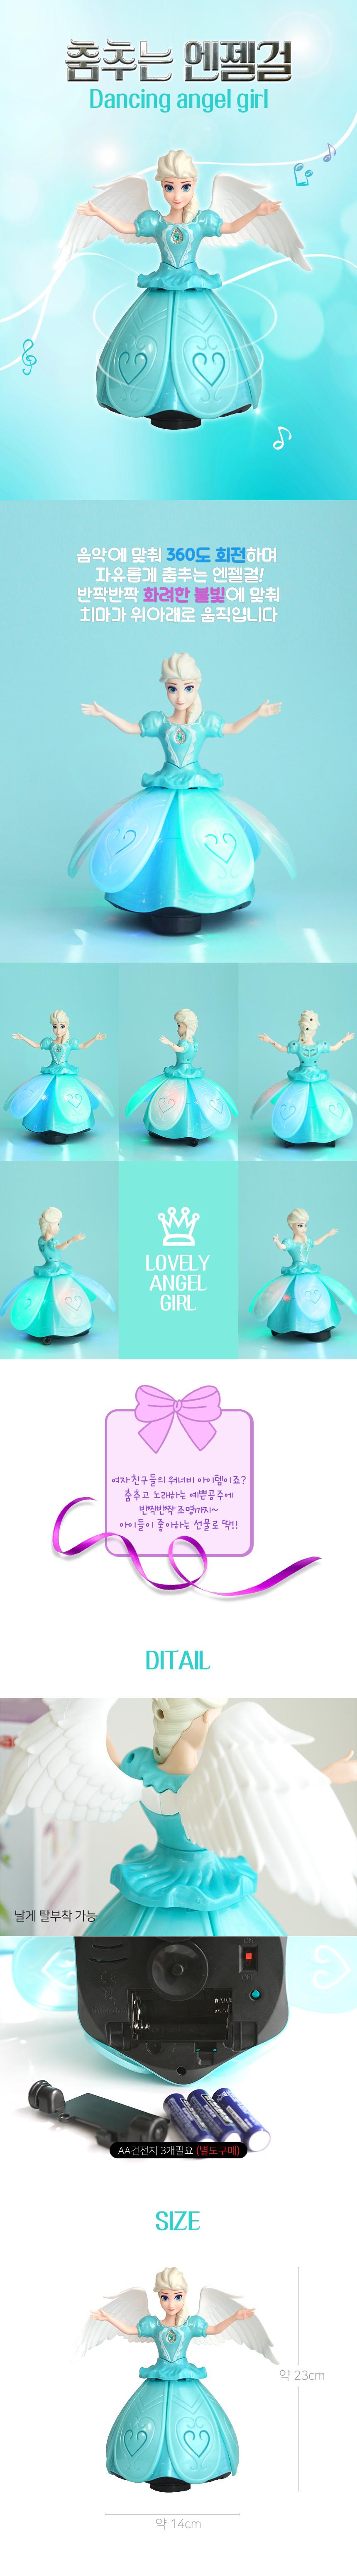 angel_girl.jpg